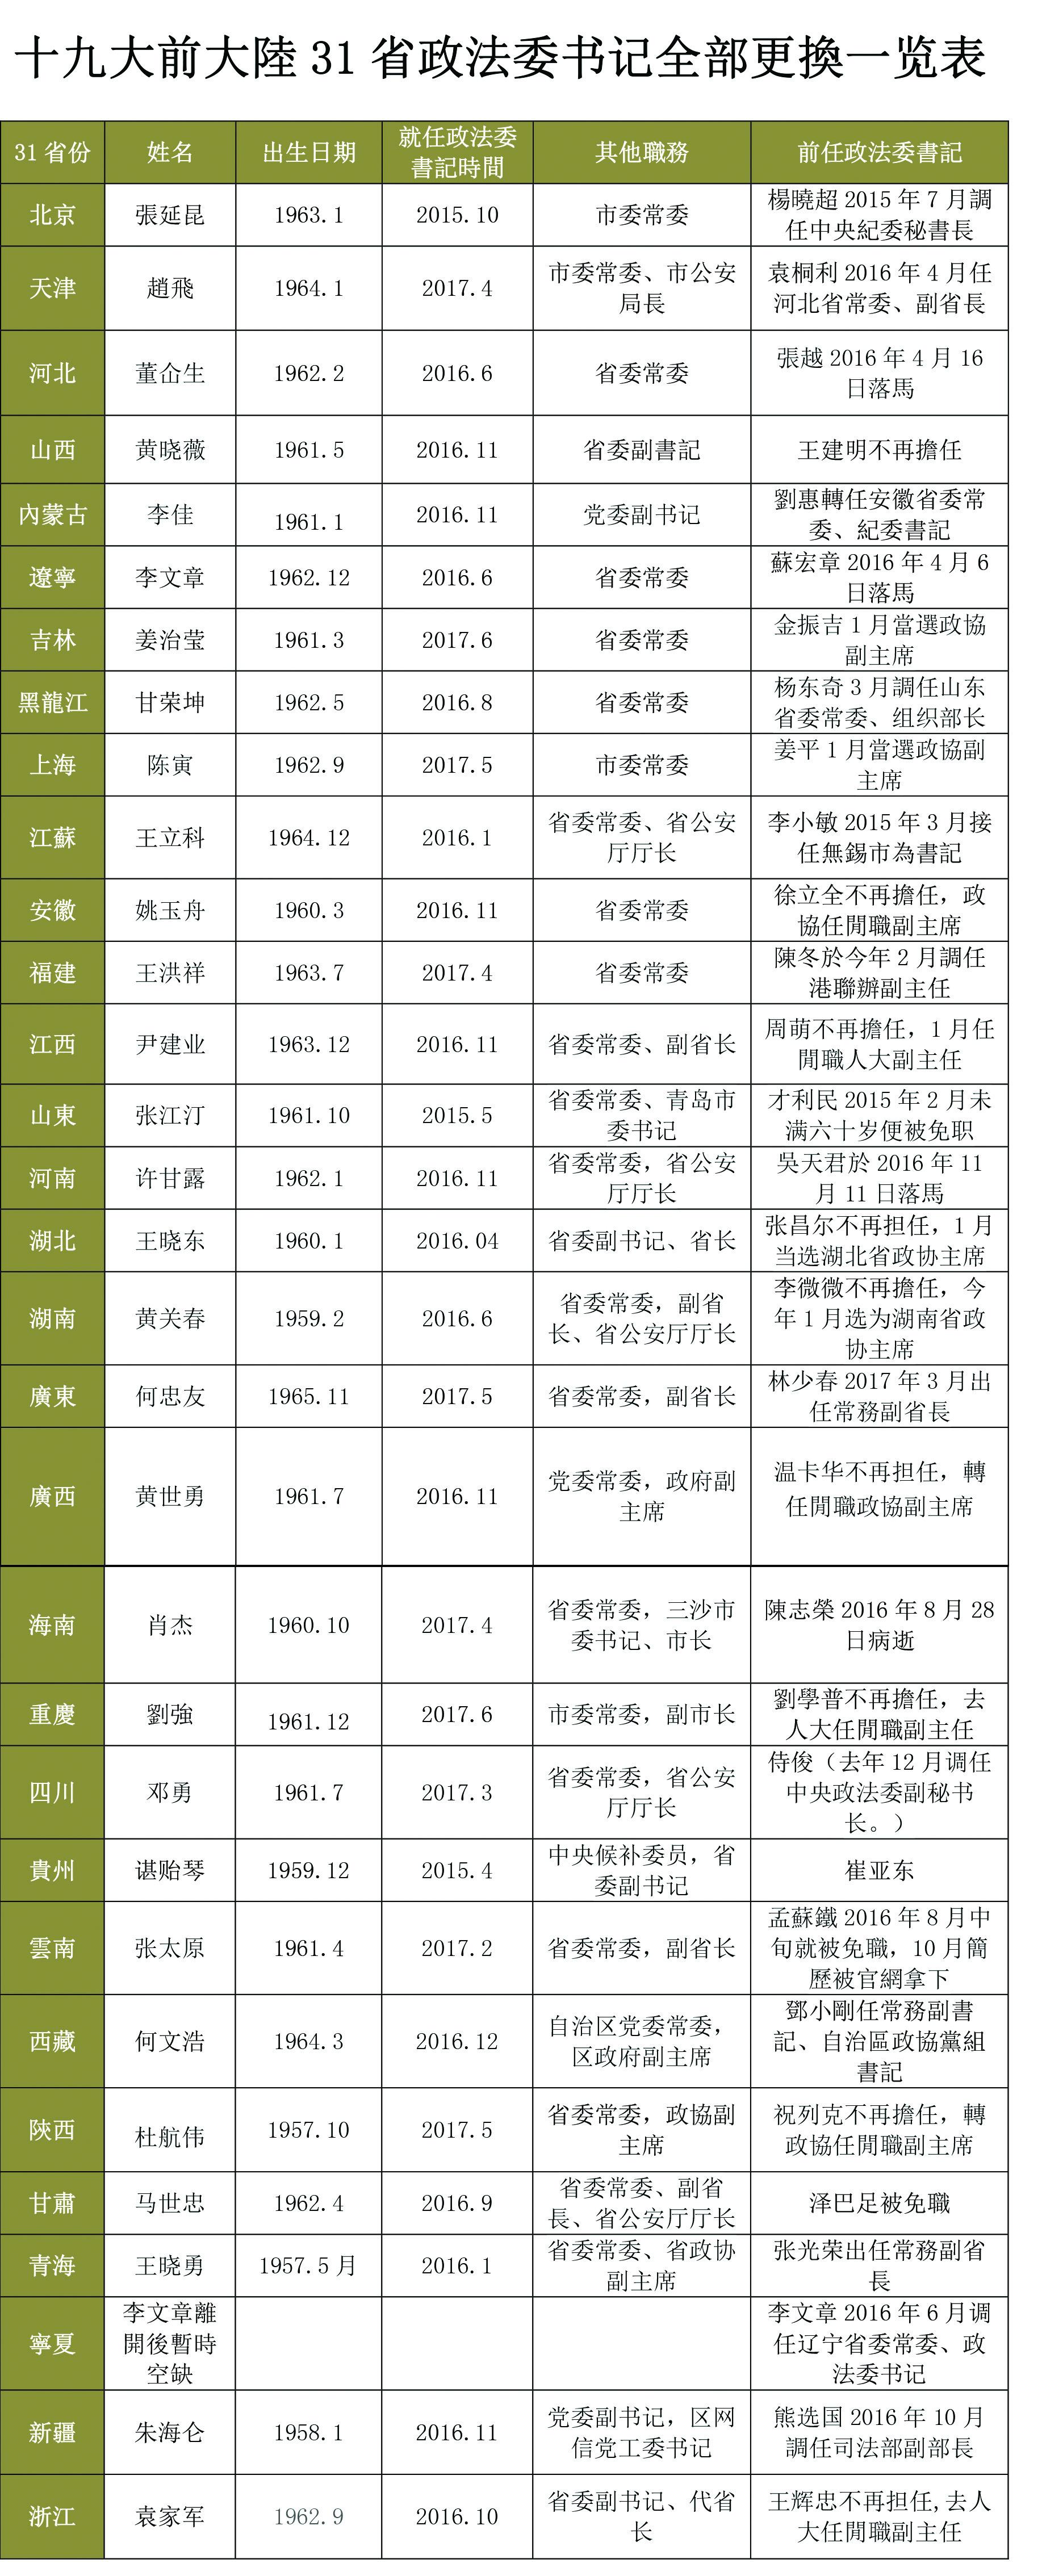 十九大前,31省政法委书记更换全部完成。(骆亚/大纪元)